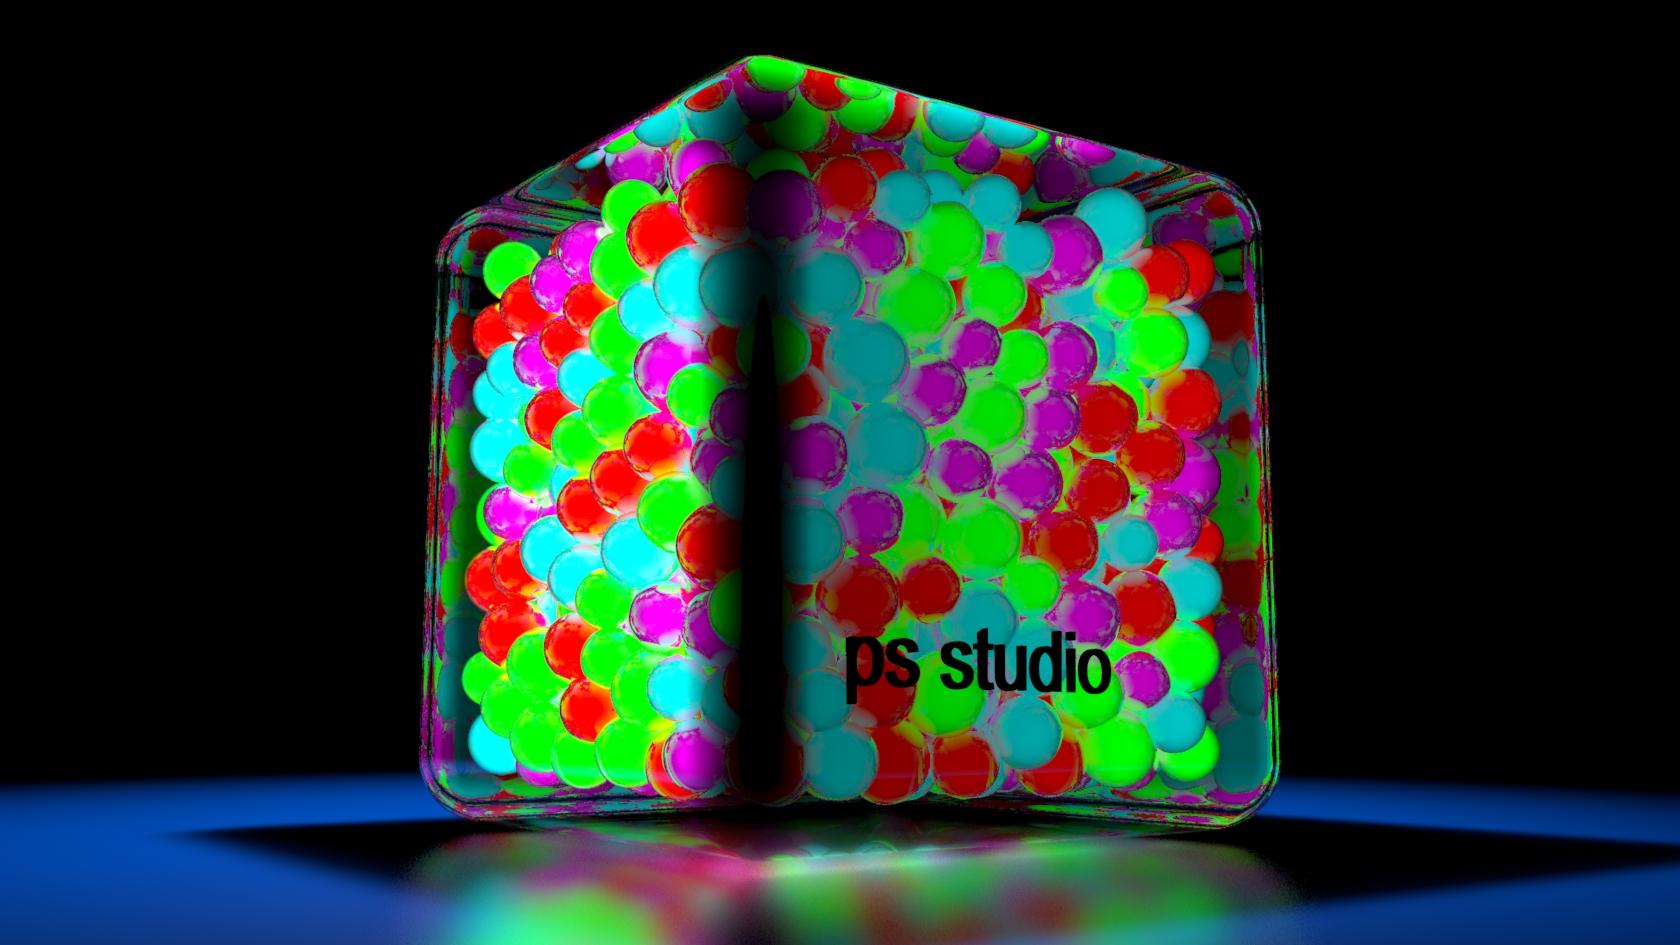 PS STUDIO in Cinema 4d FinalRender image